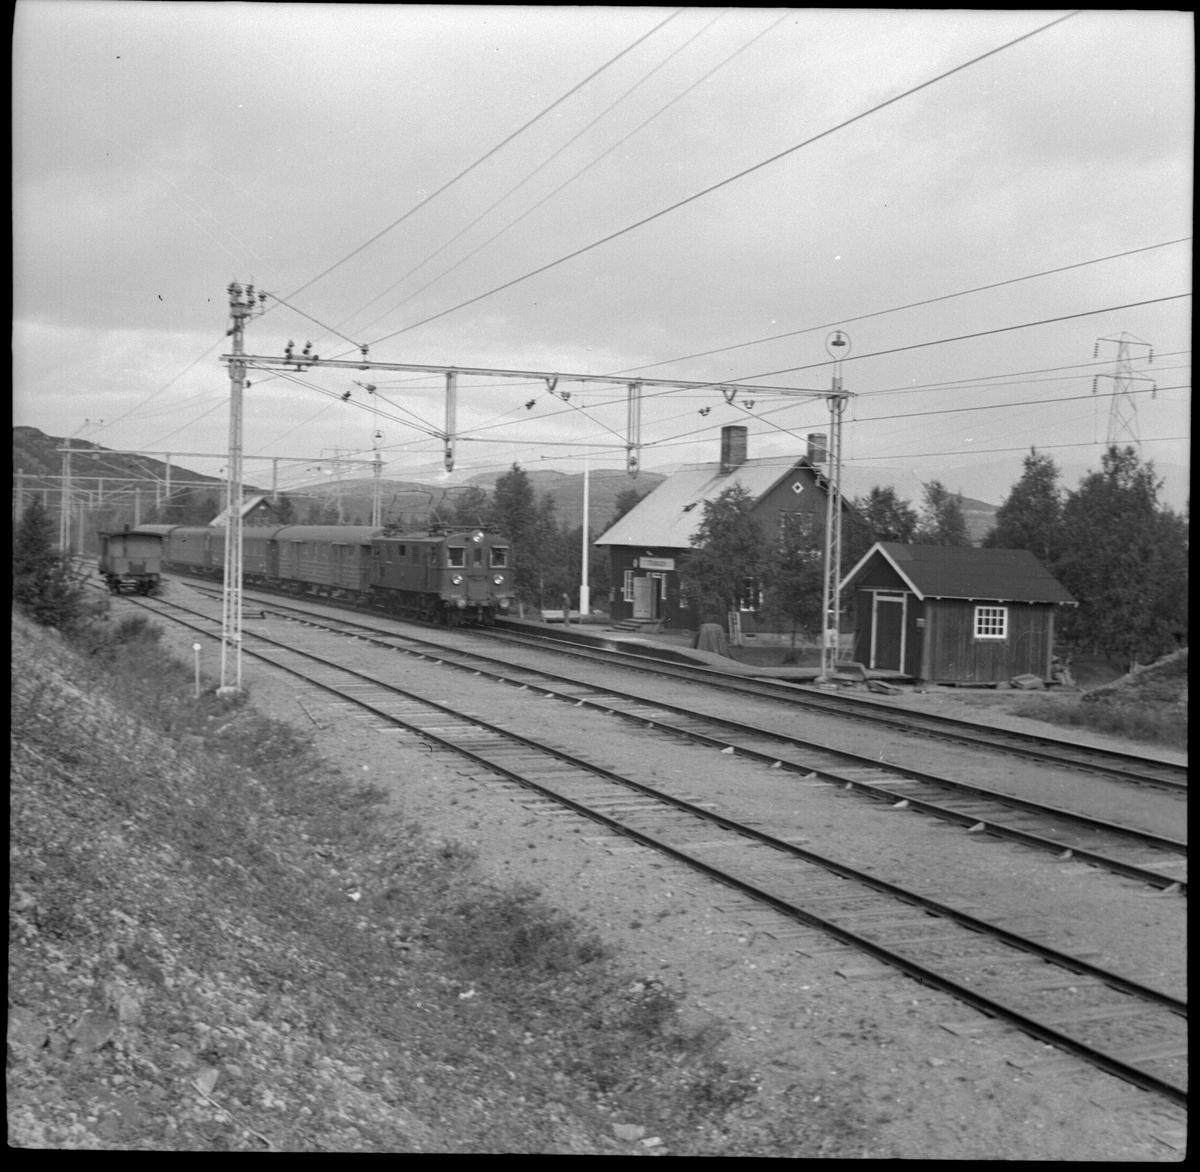 Södergående persontåg 21 med lok SJ Dk 444 och SJ F04 resgodsvagn vid Stenbacken station.